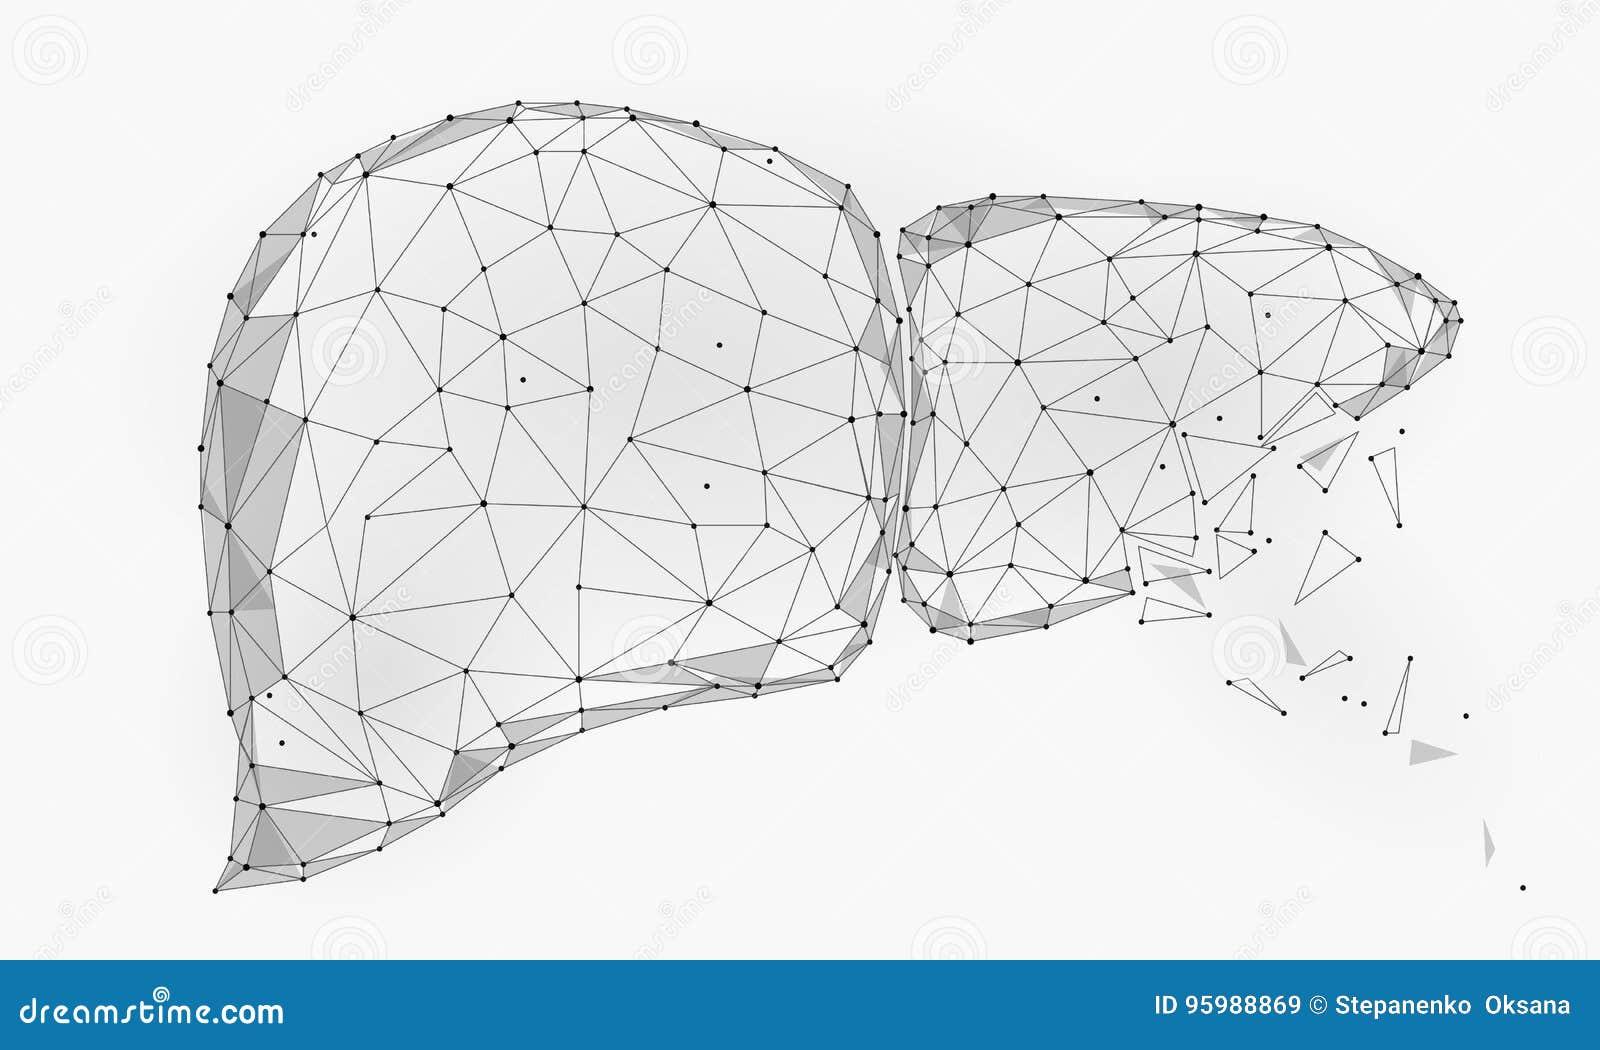 Behandlungsregenerationszerfall Menschliches Dreieck Des Leber ...